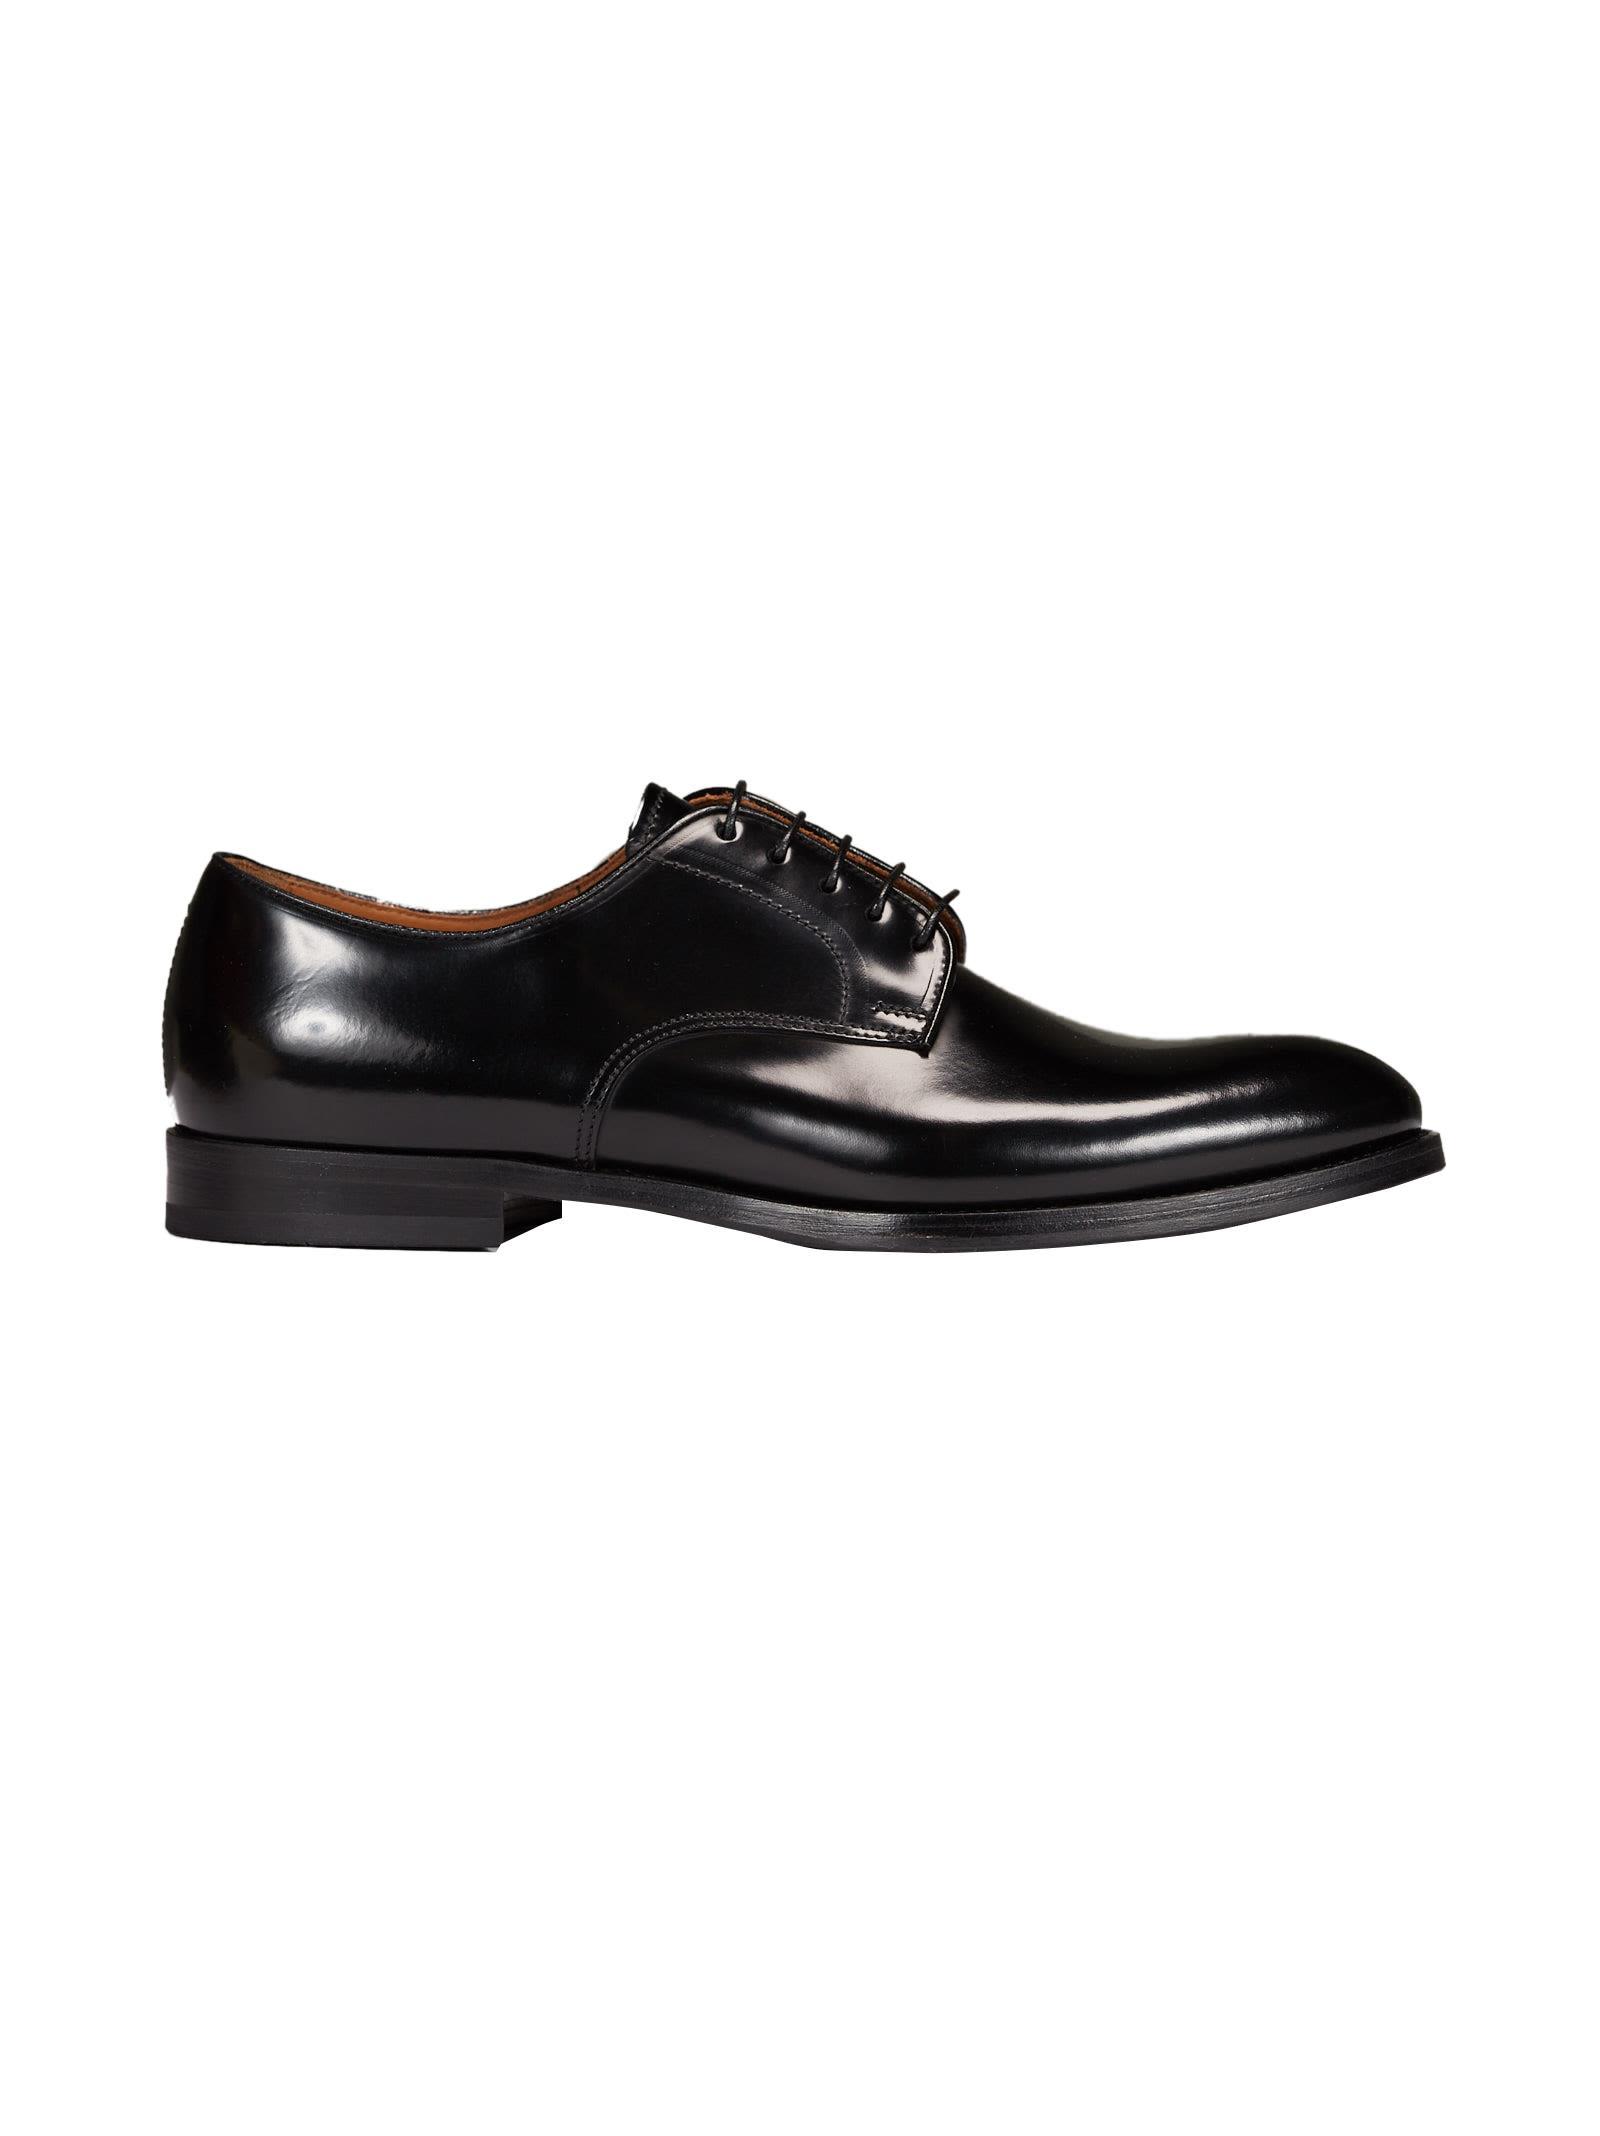 Doucals Chaussures Lacées Classiques XnYBOcWL